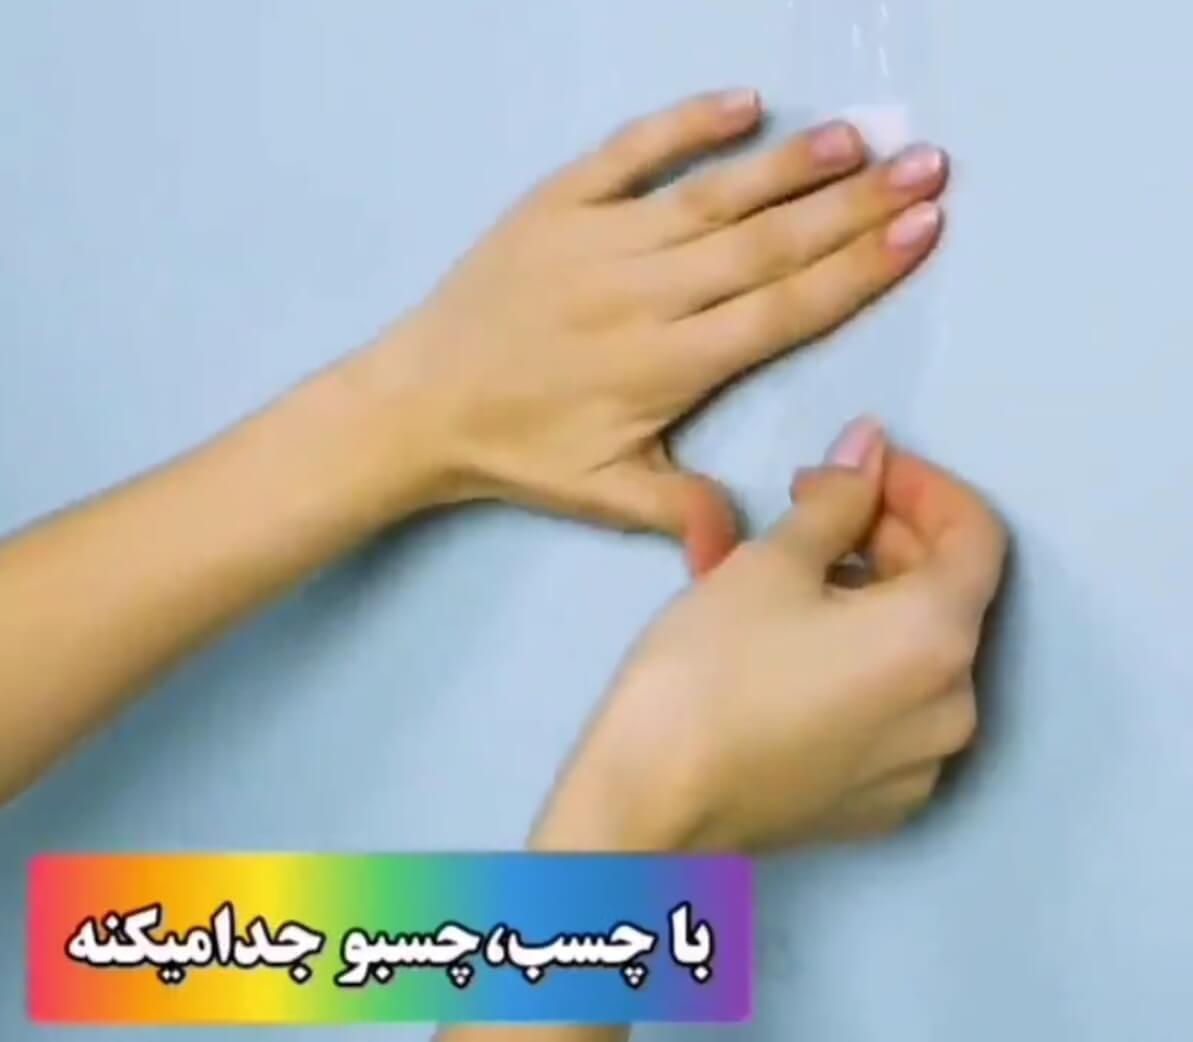 طریقه کندن چسب نواری از روی دیوار